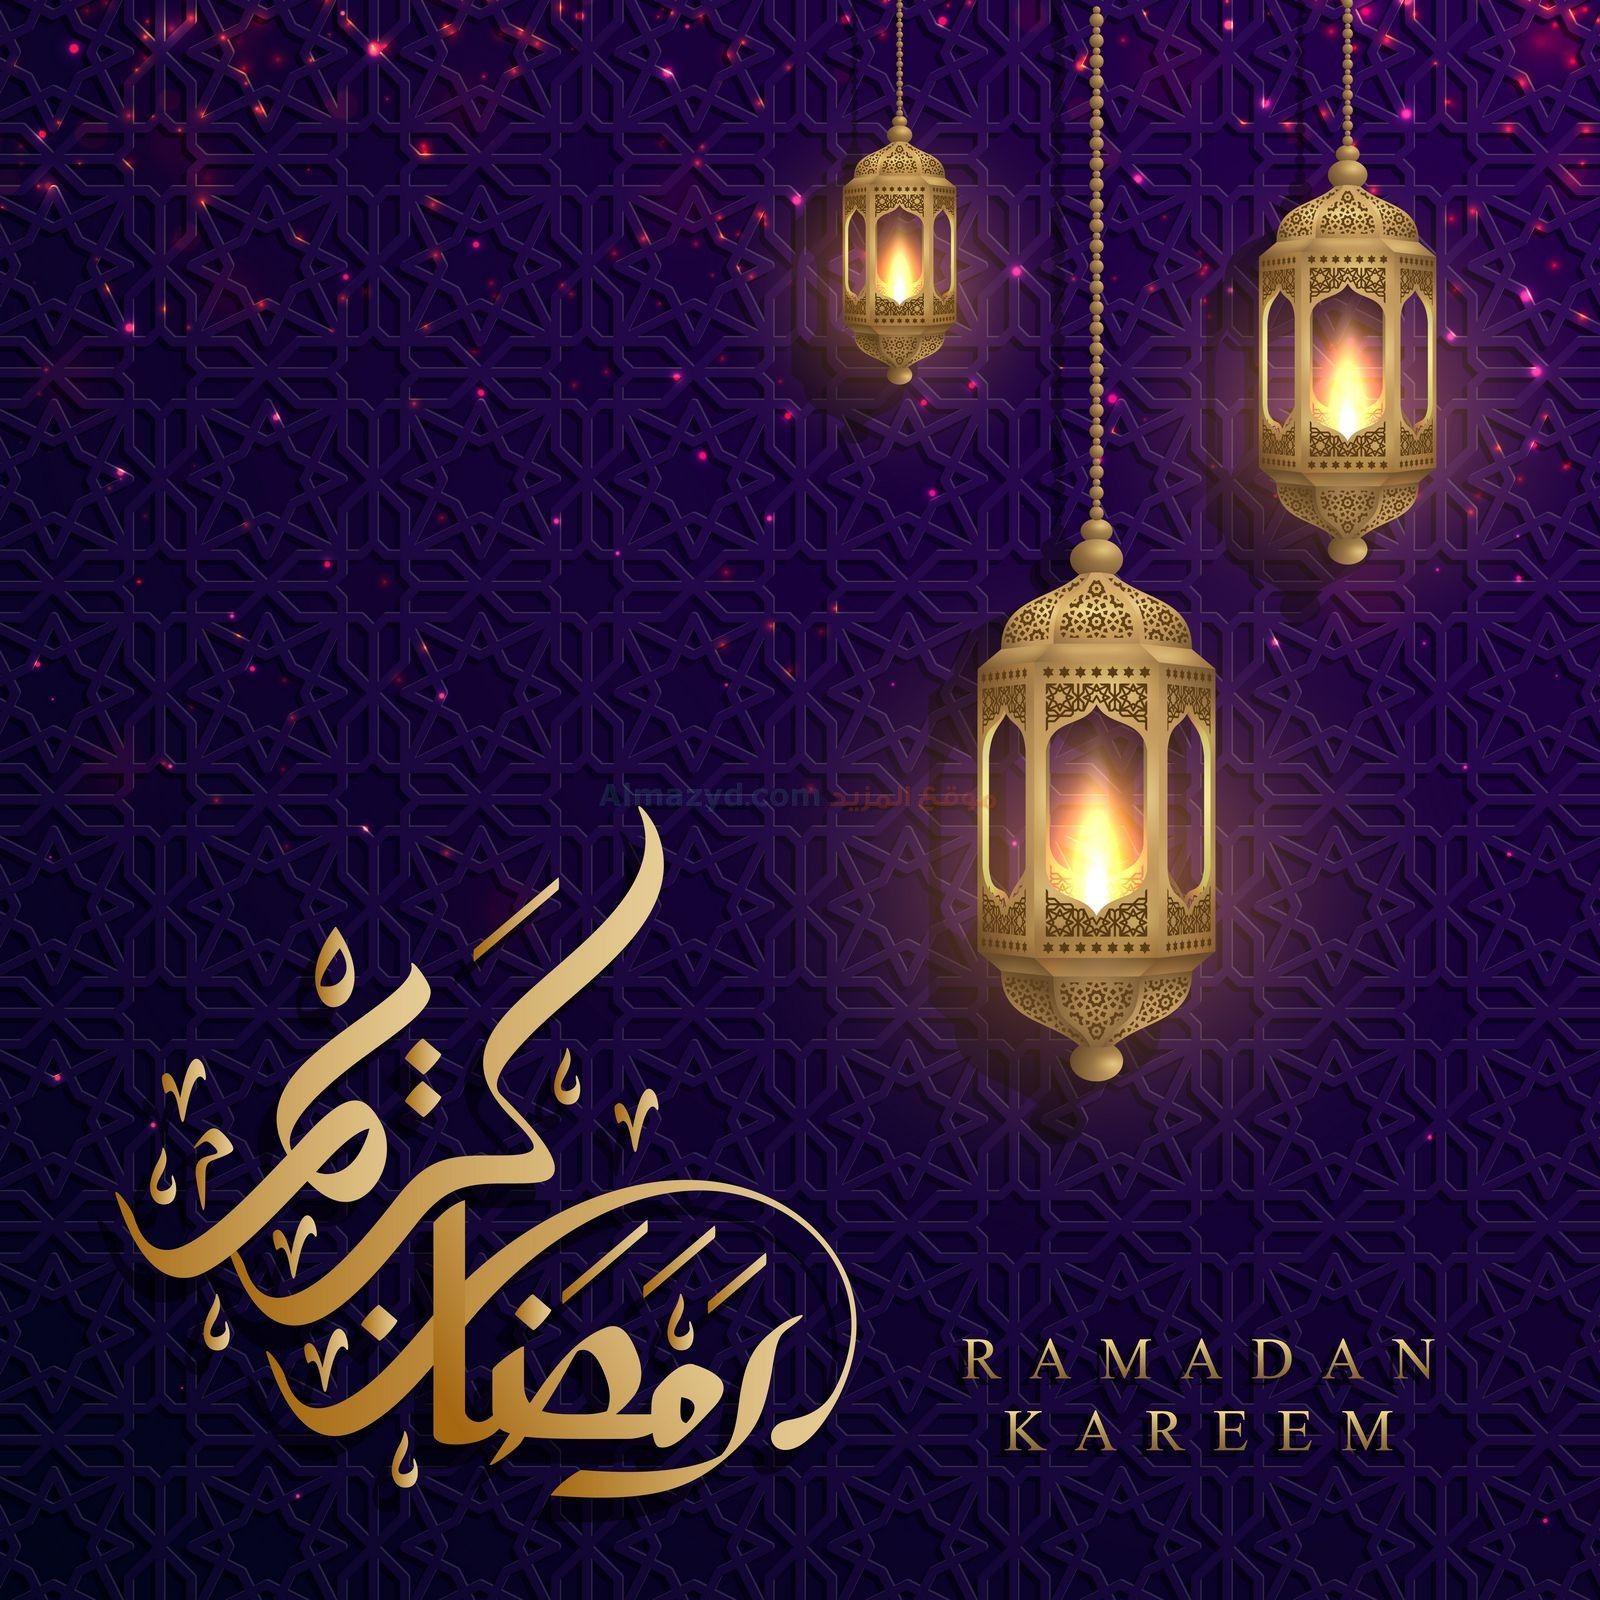 Pin Oleh Rose Di Ramadan Gambar Idul Fitri Ornamen